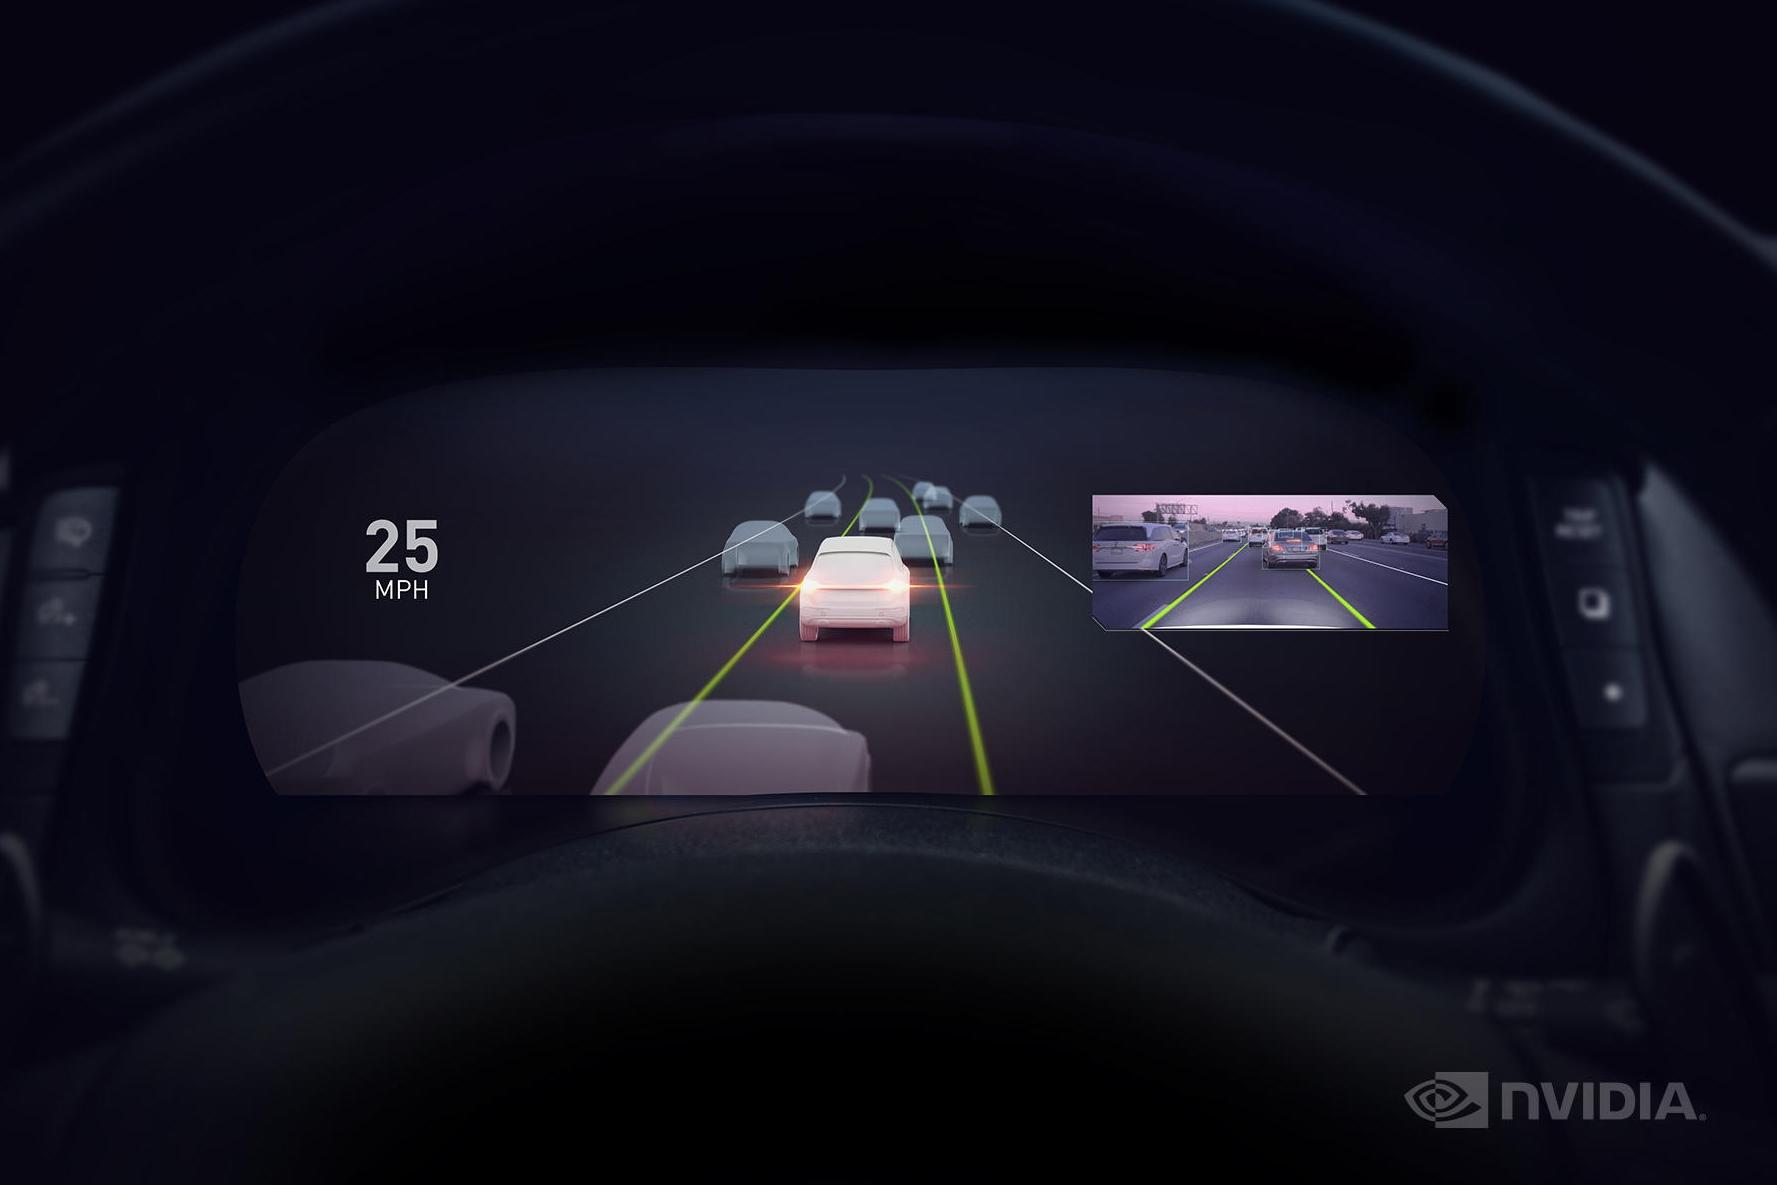 Imagem de NVIDIA apresenta o seu sistema próprio para carros autônomos no tecmundo